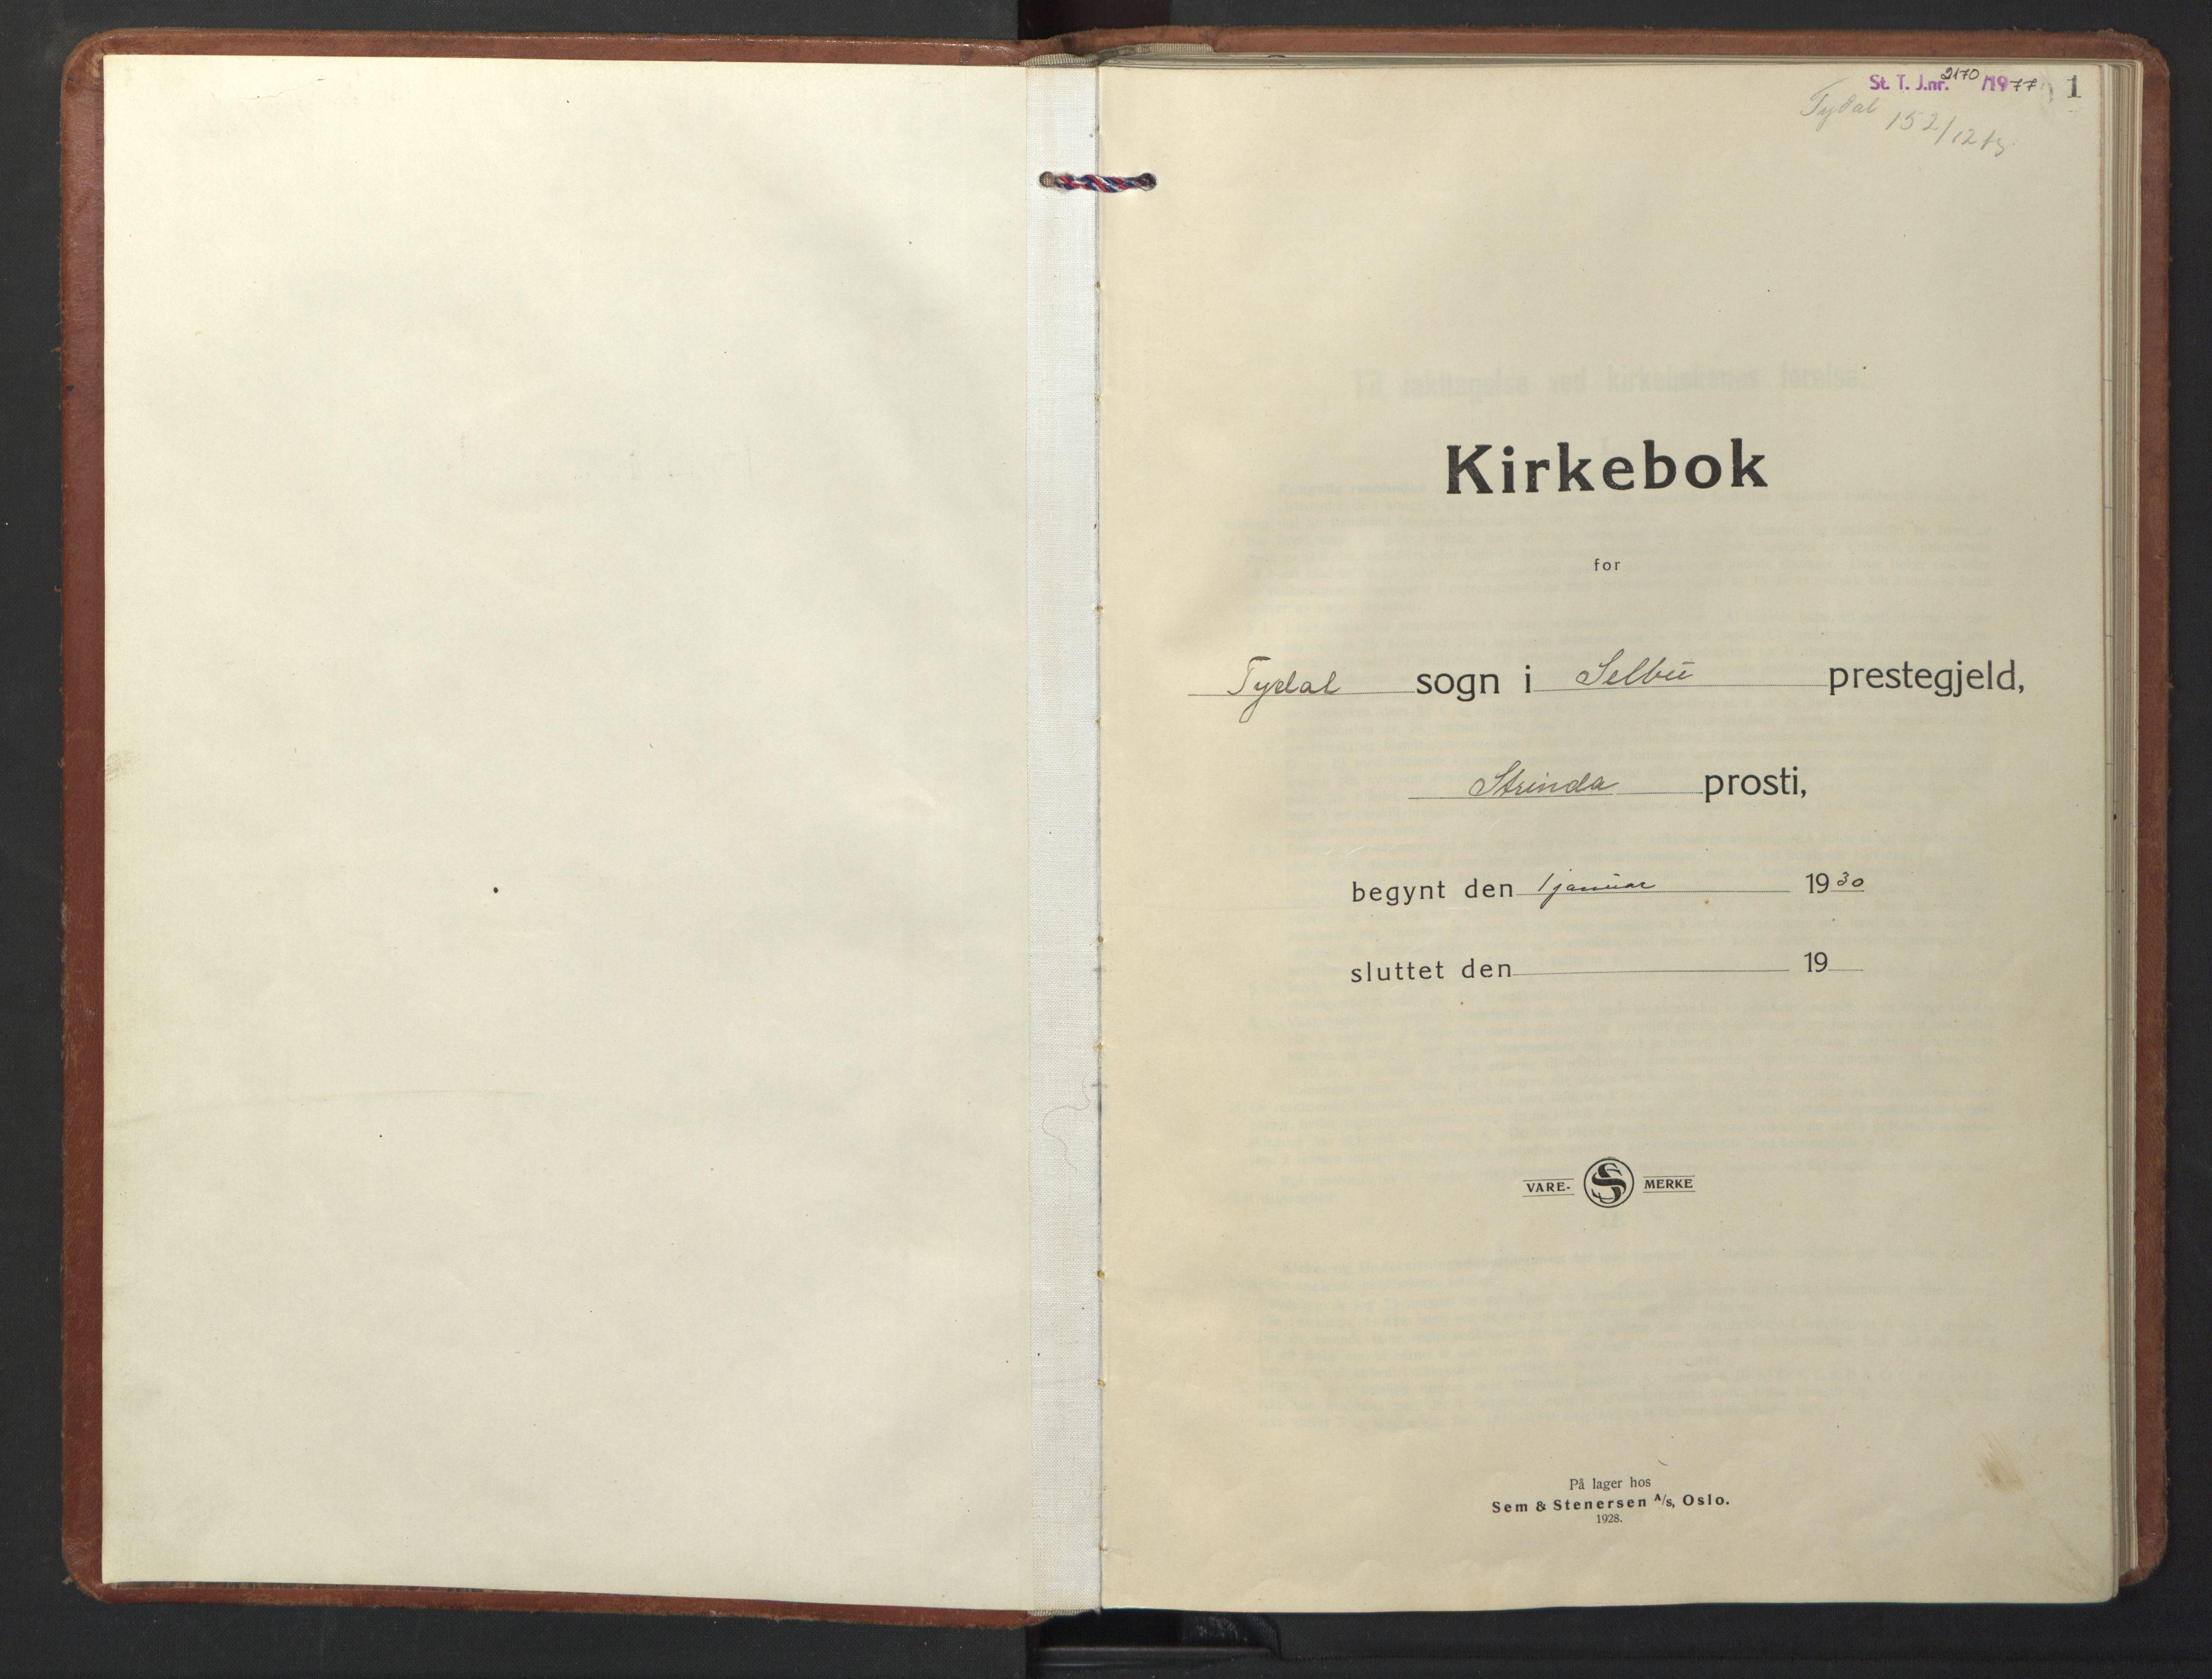 SAT, Ministerialprotokoller, klokkerbøker og fødselsregistre - Sør-Trøndelag, 698/L1169: Klokkerbok nr. 698C06, 1930-1949, s. 1